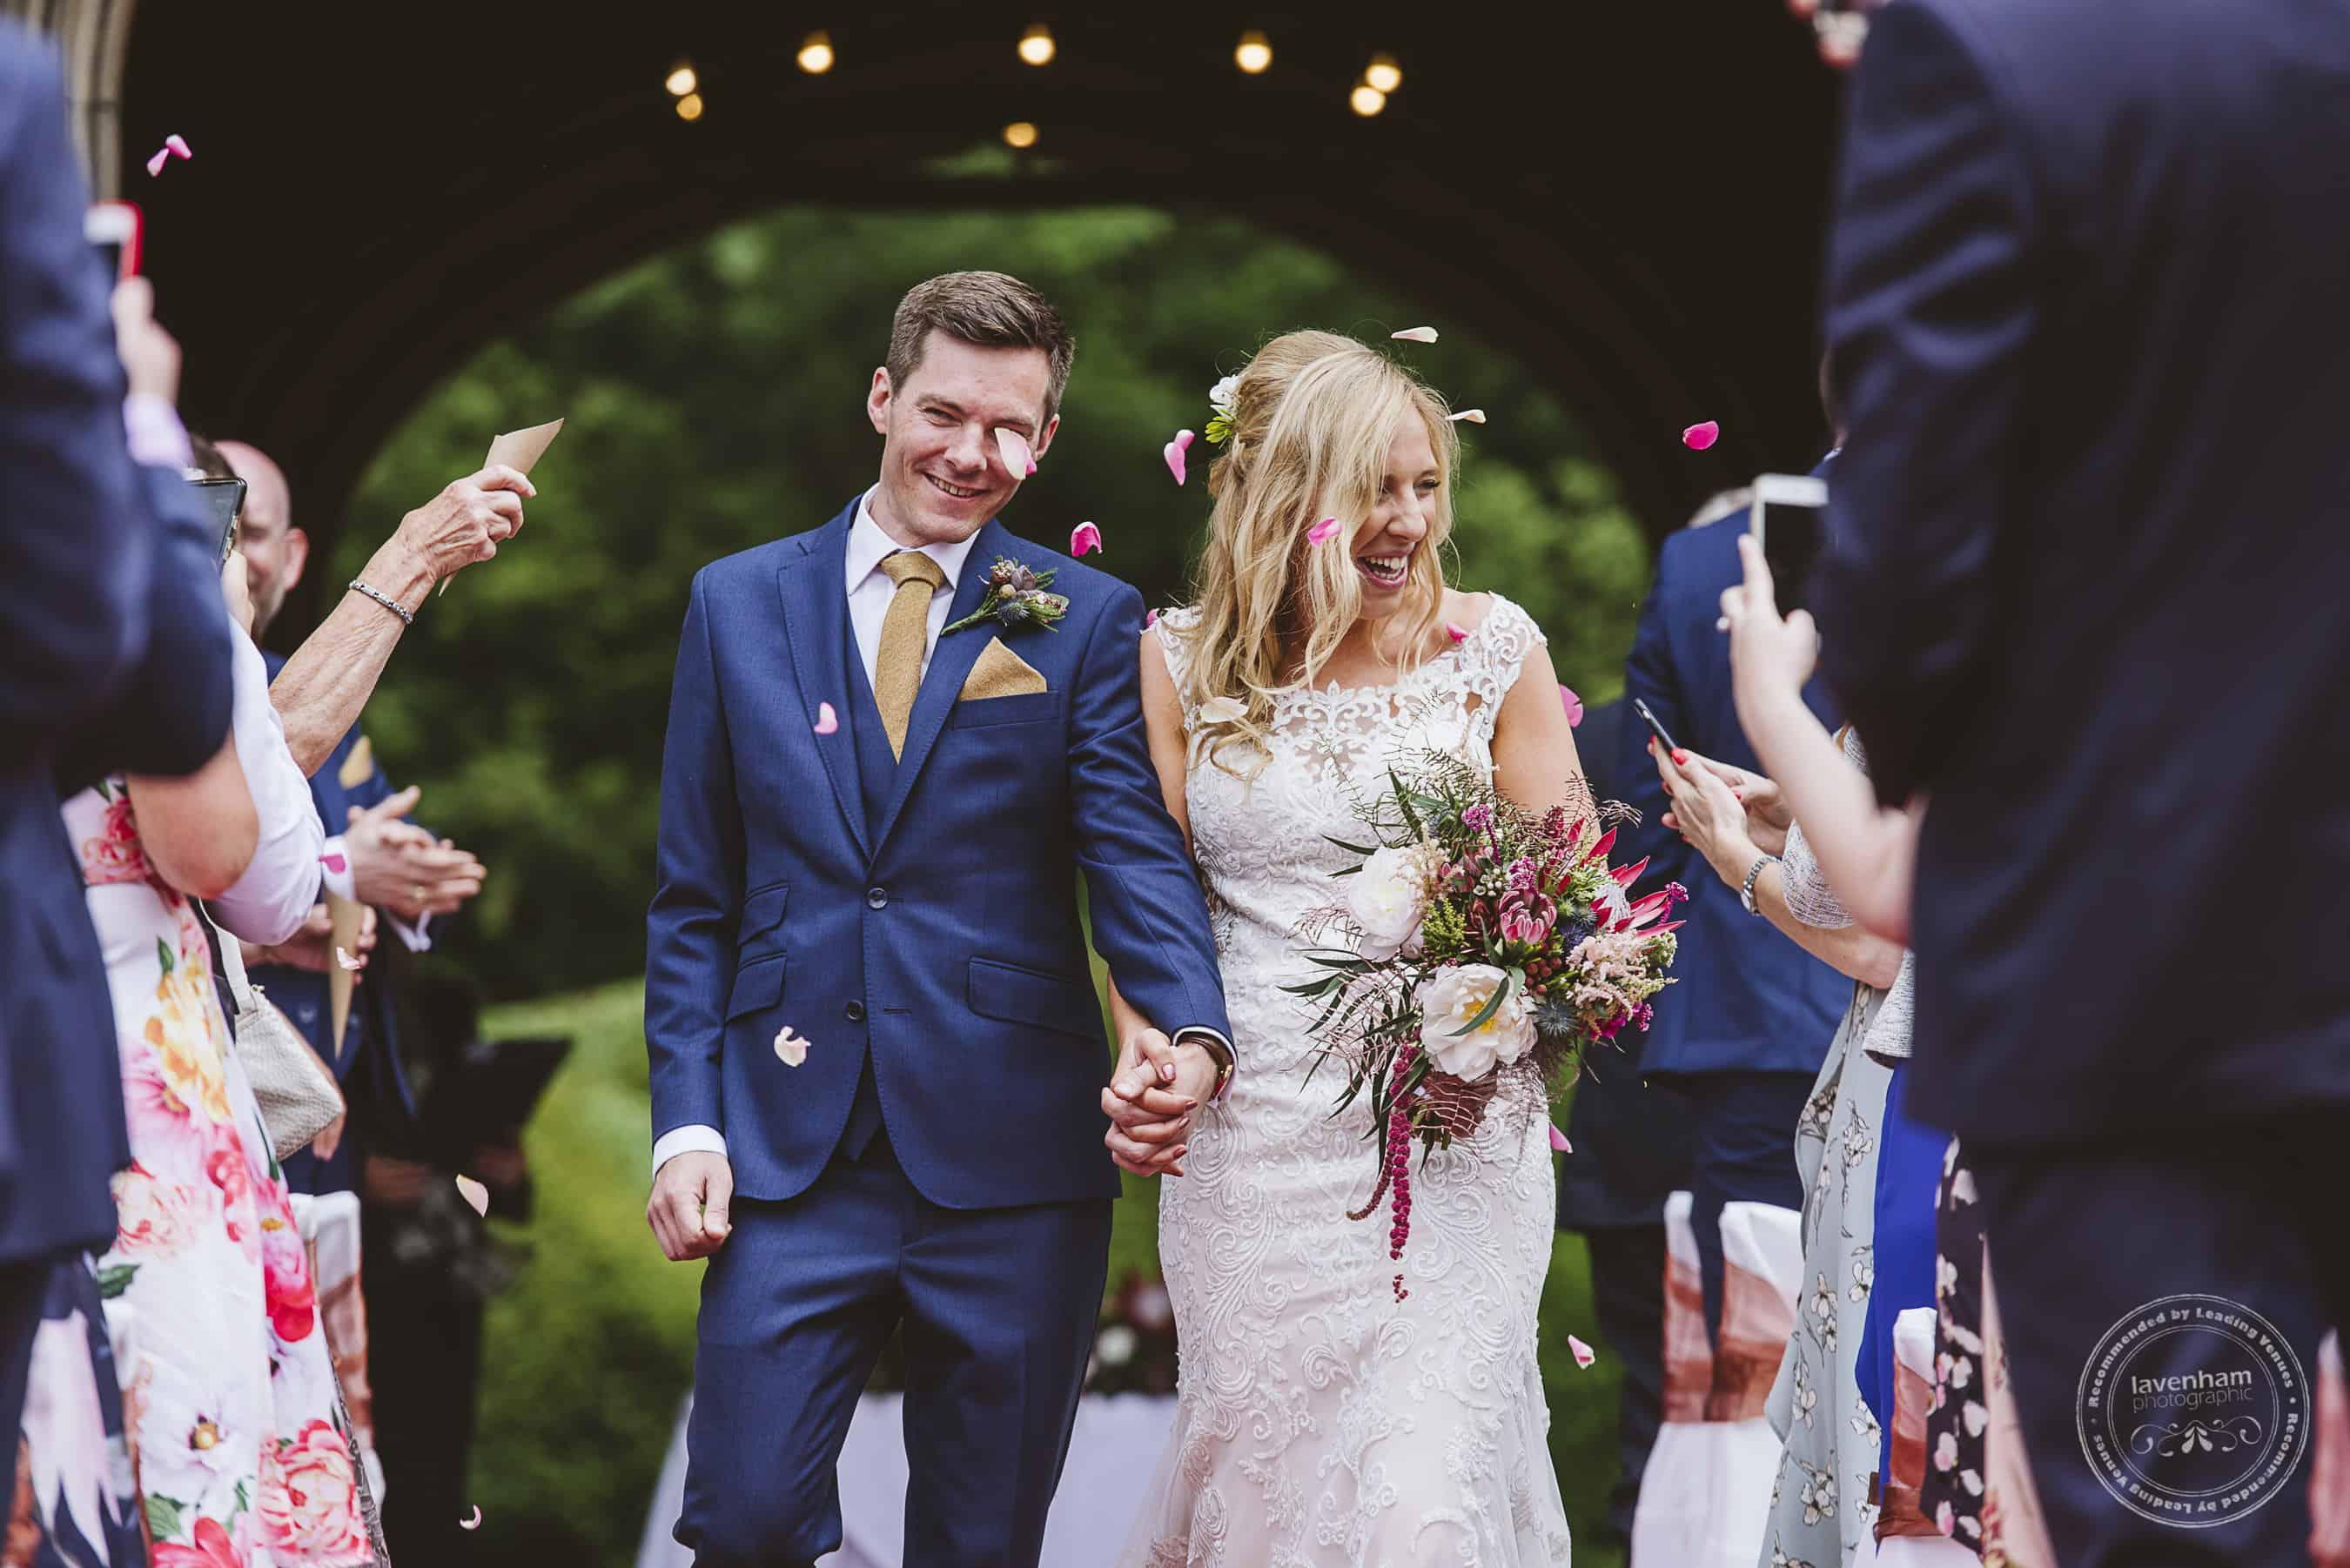 020618 Leez Priory Wedding Photography Lavenham Photographic 065